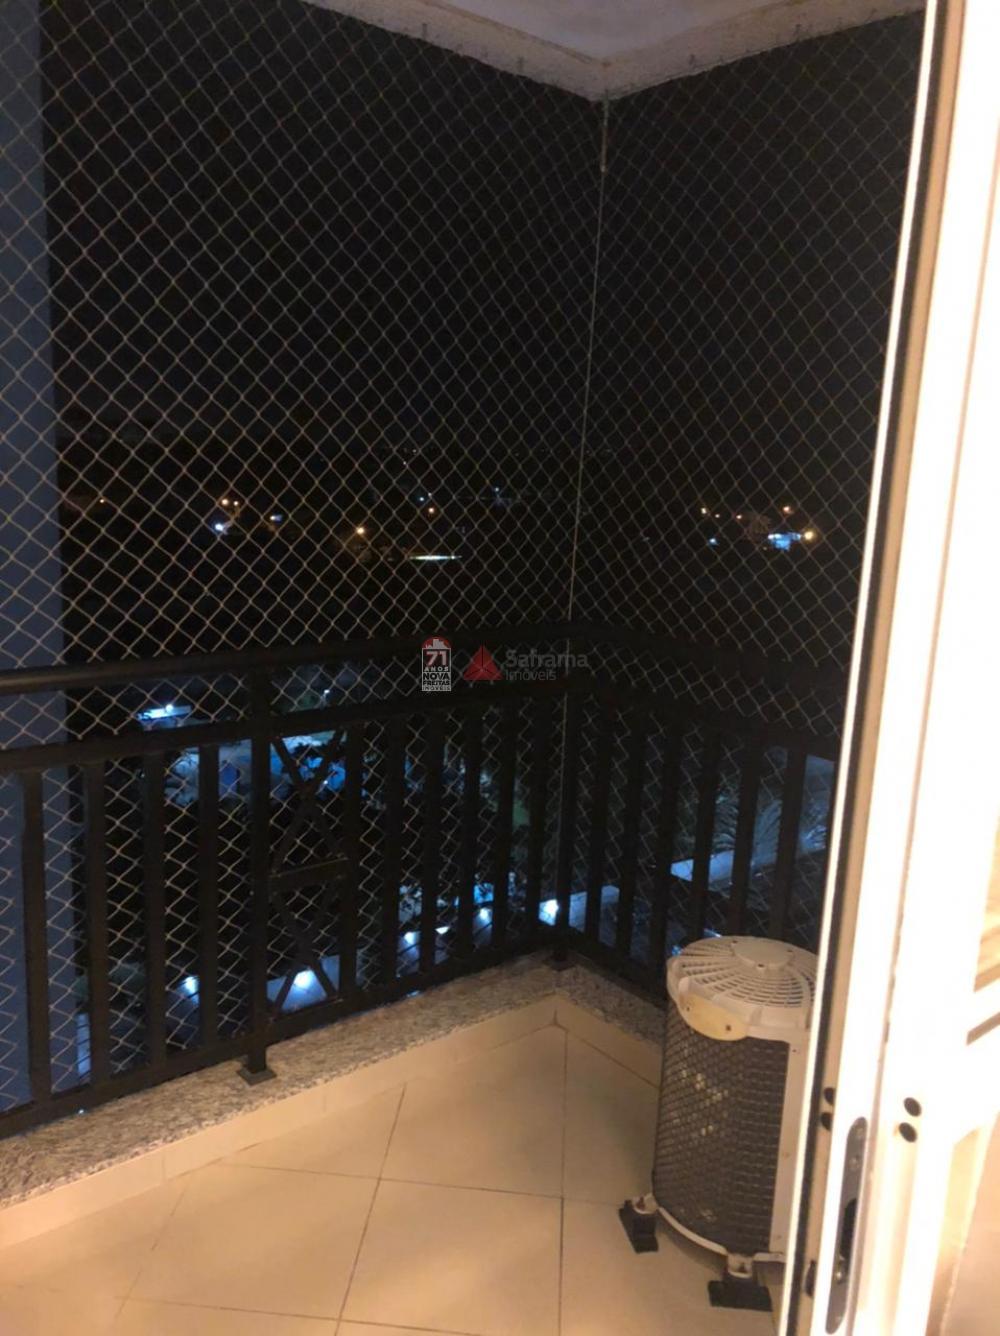 Comprar Apartamento / Padrão em Pindamonhangaba R$ 400.000,00 - Foto 5